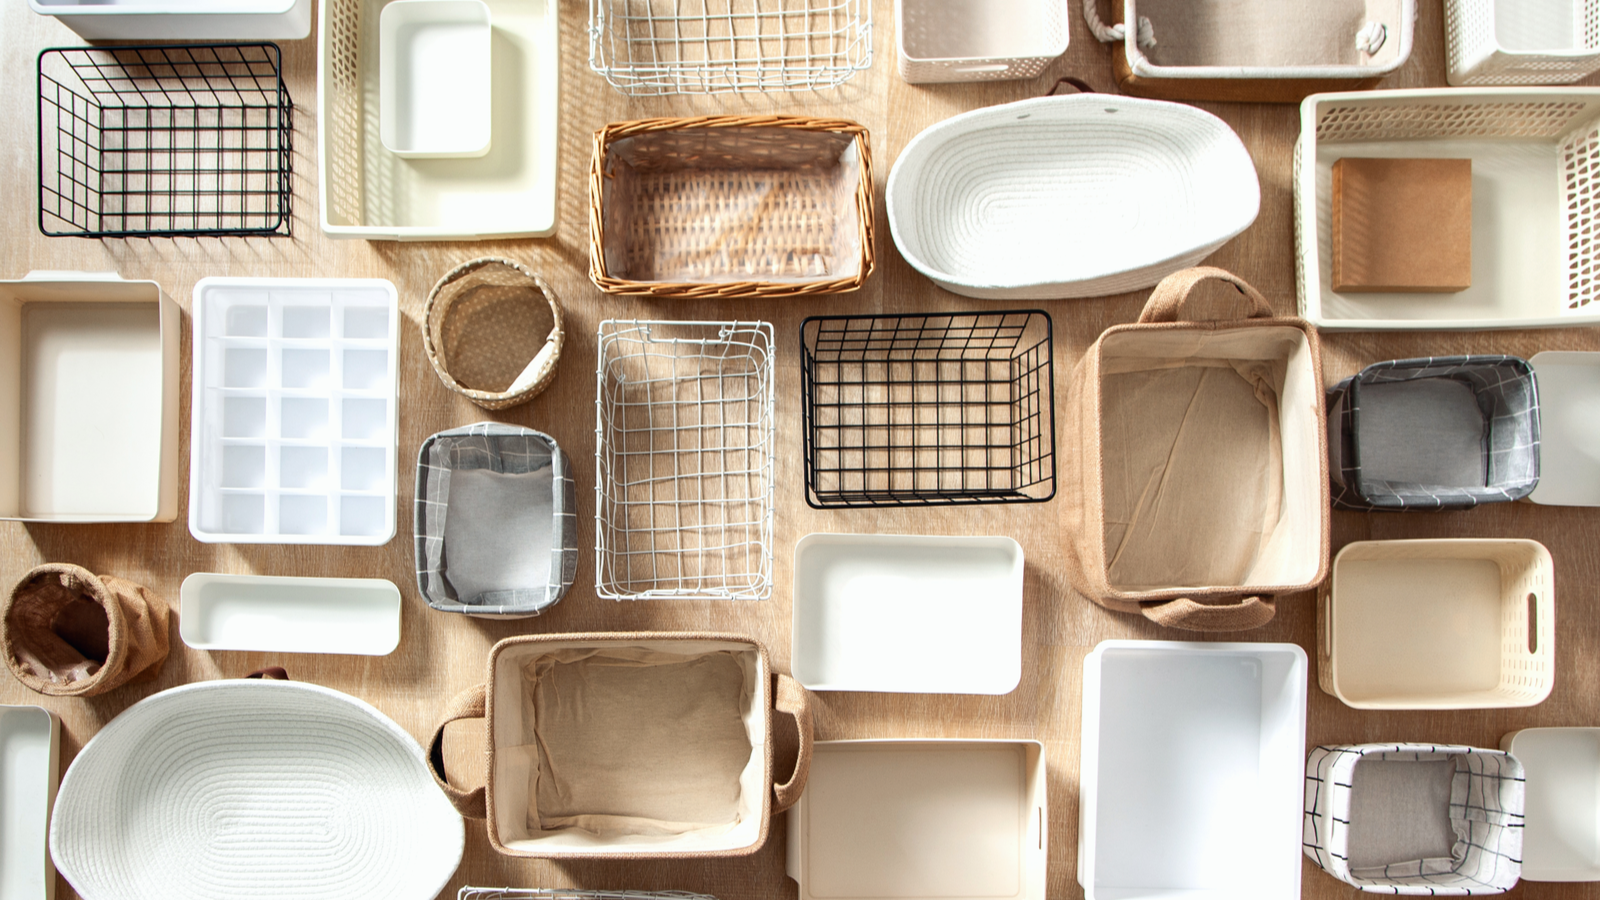 صناديق تخزين البلاط من ماري كوندو وحاويات وسلال بأحجام وأشكال مختلفة